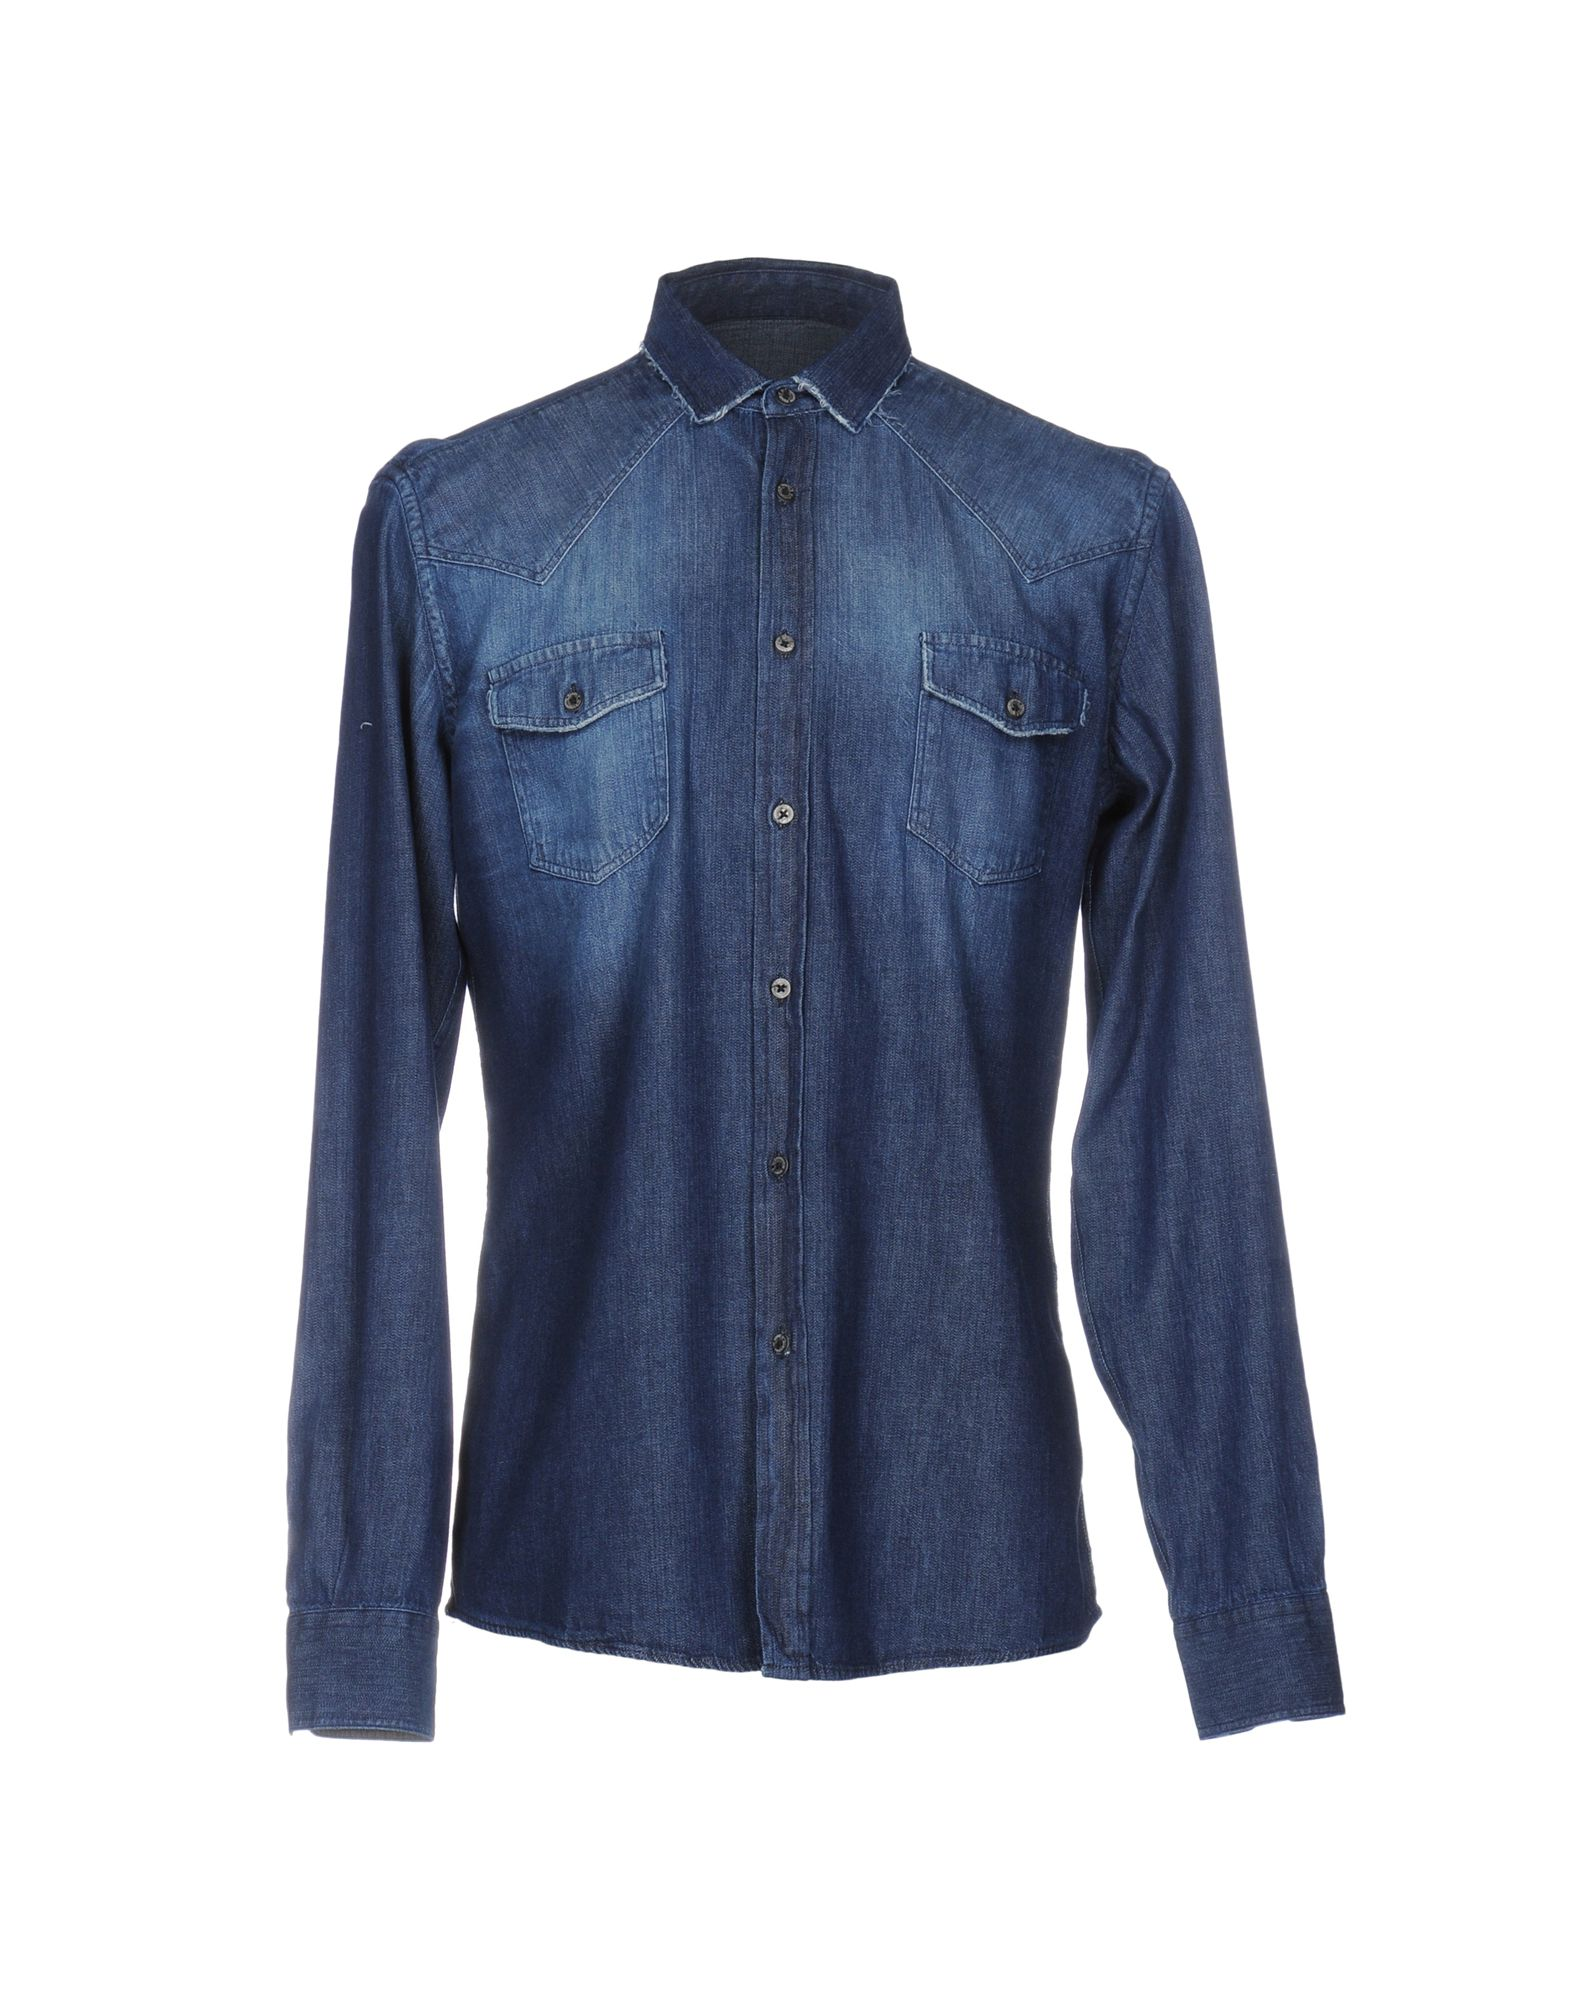 GREY DANIELE ALESSANDRINI Джинсовая рубашка daniele alessandrini джинсовая рубашка